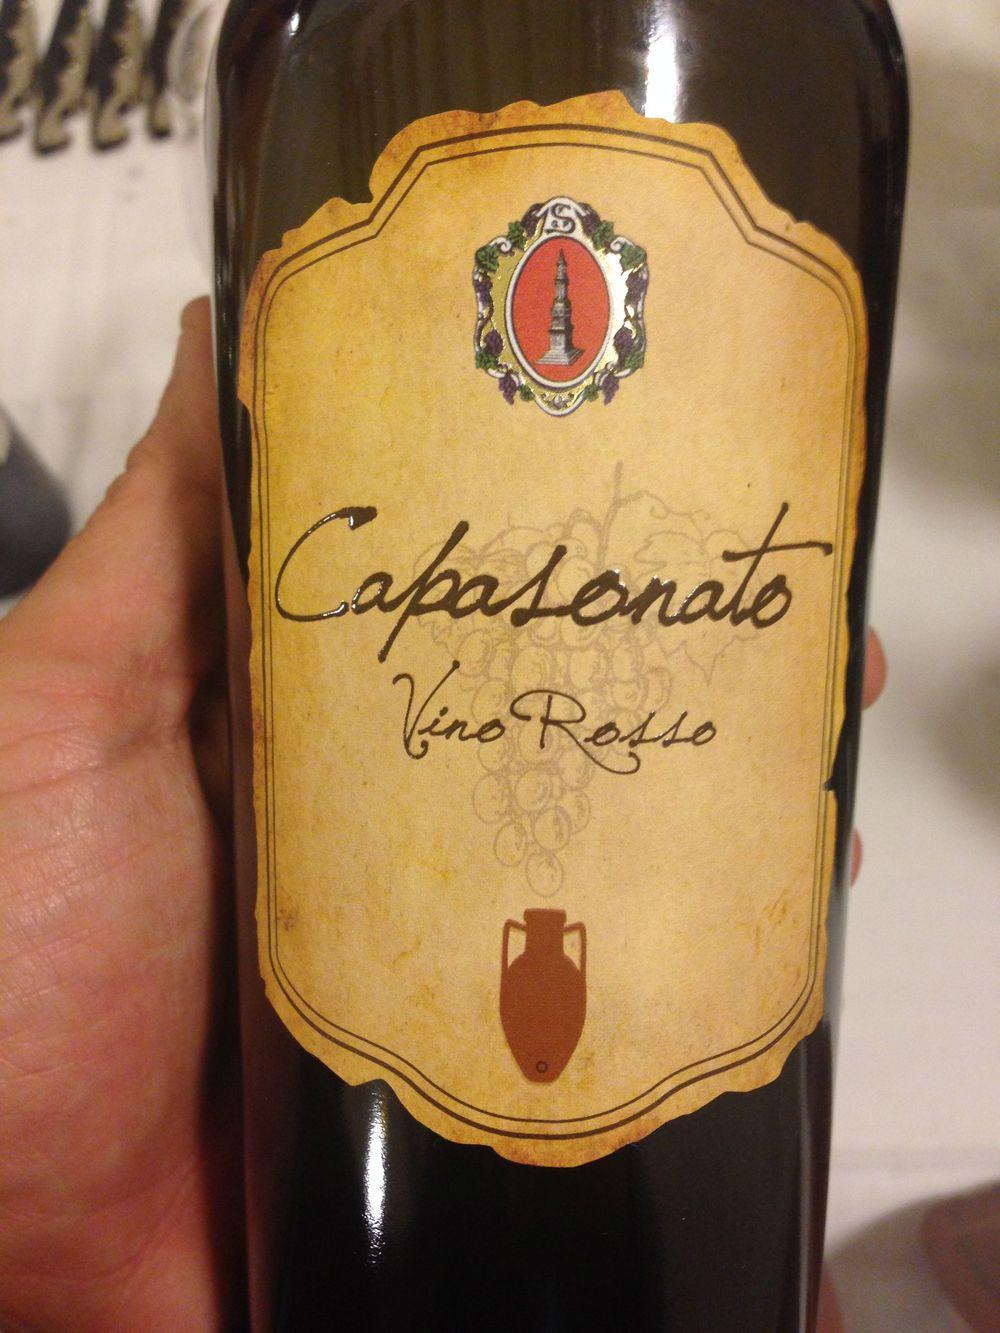 L'etichetta del Capasonato Vino Rosso 1984/85